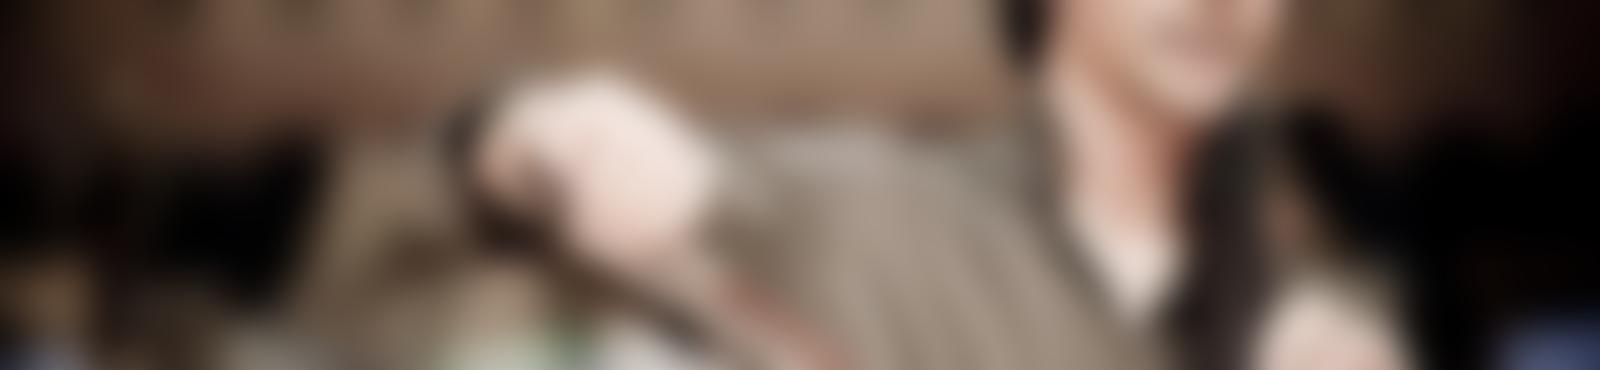 Blurred 85b4c710 c1a5 4a91 91e9 da021ce9ccce